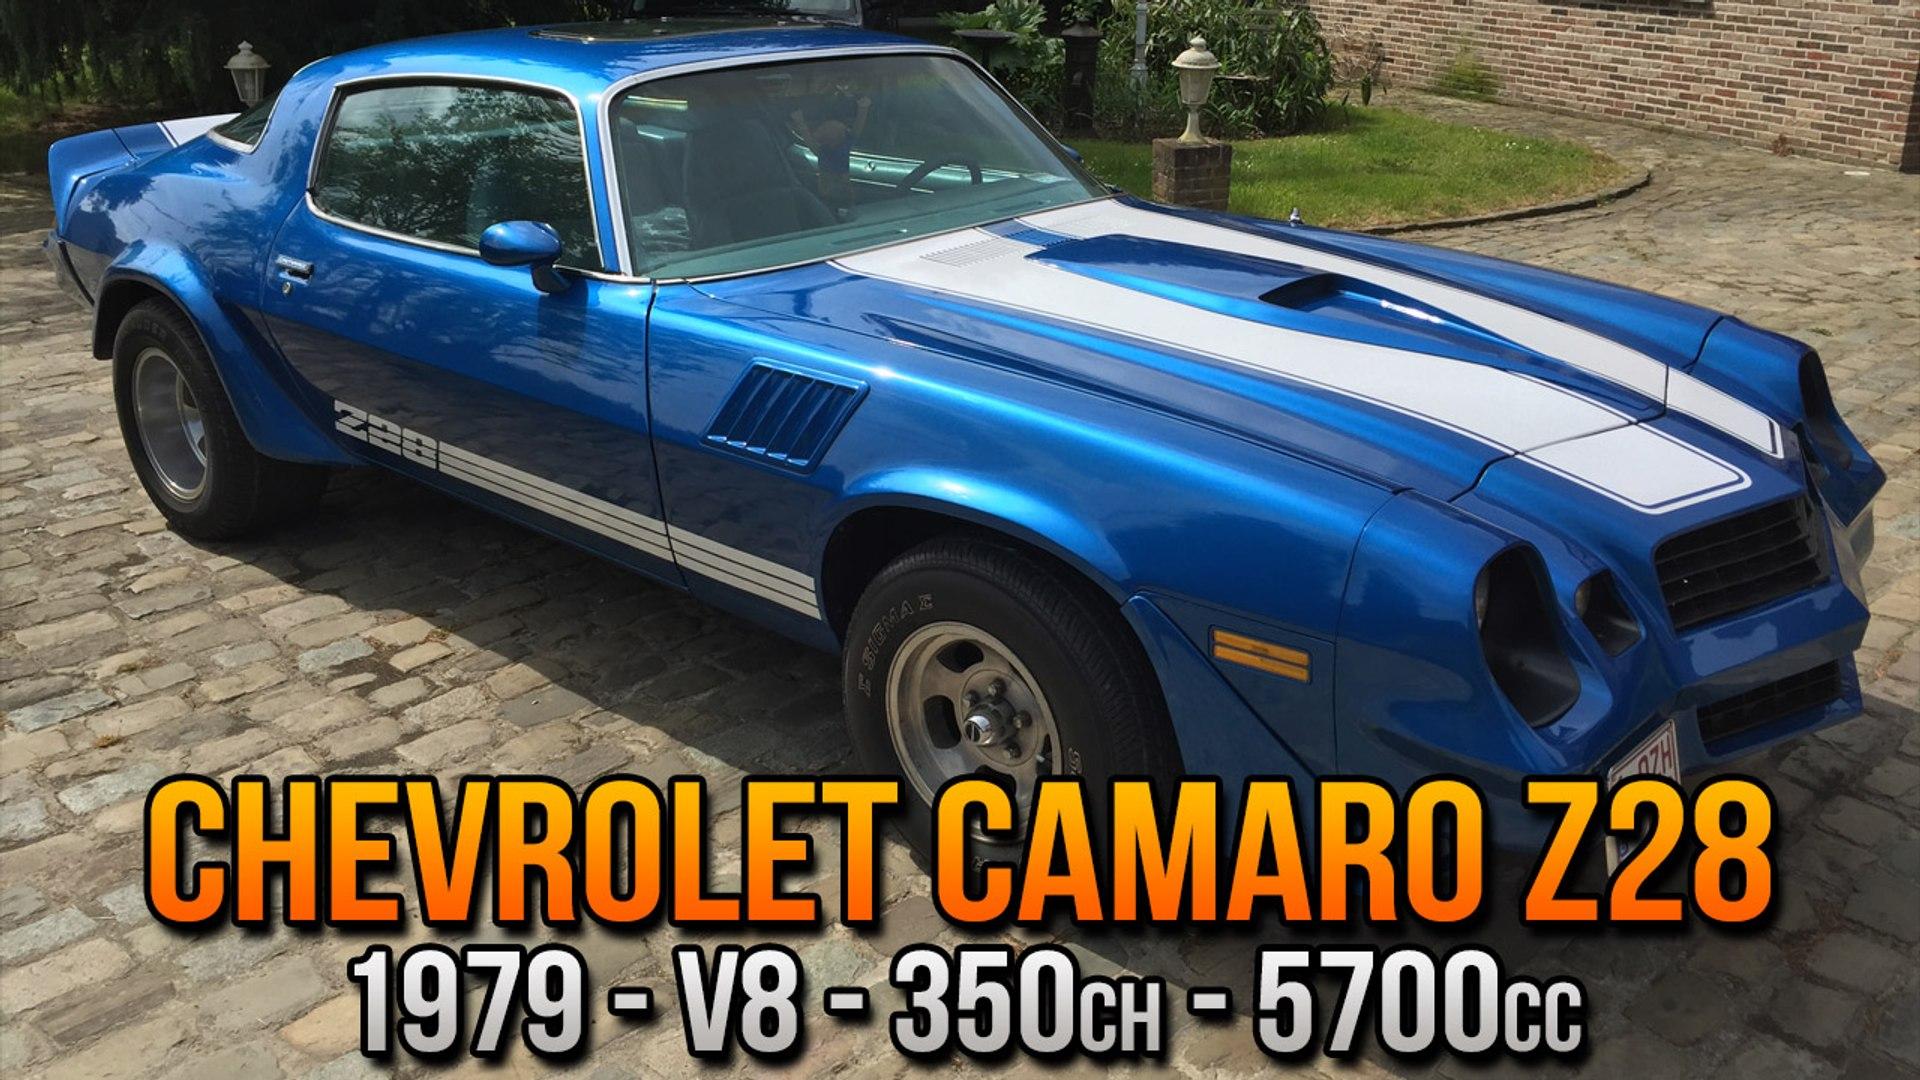 Chevrolet Camaro Z28 1979 V8 5700cc 350ch Customization Video Dailymotion